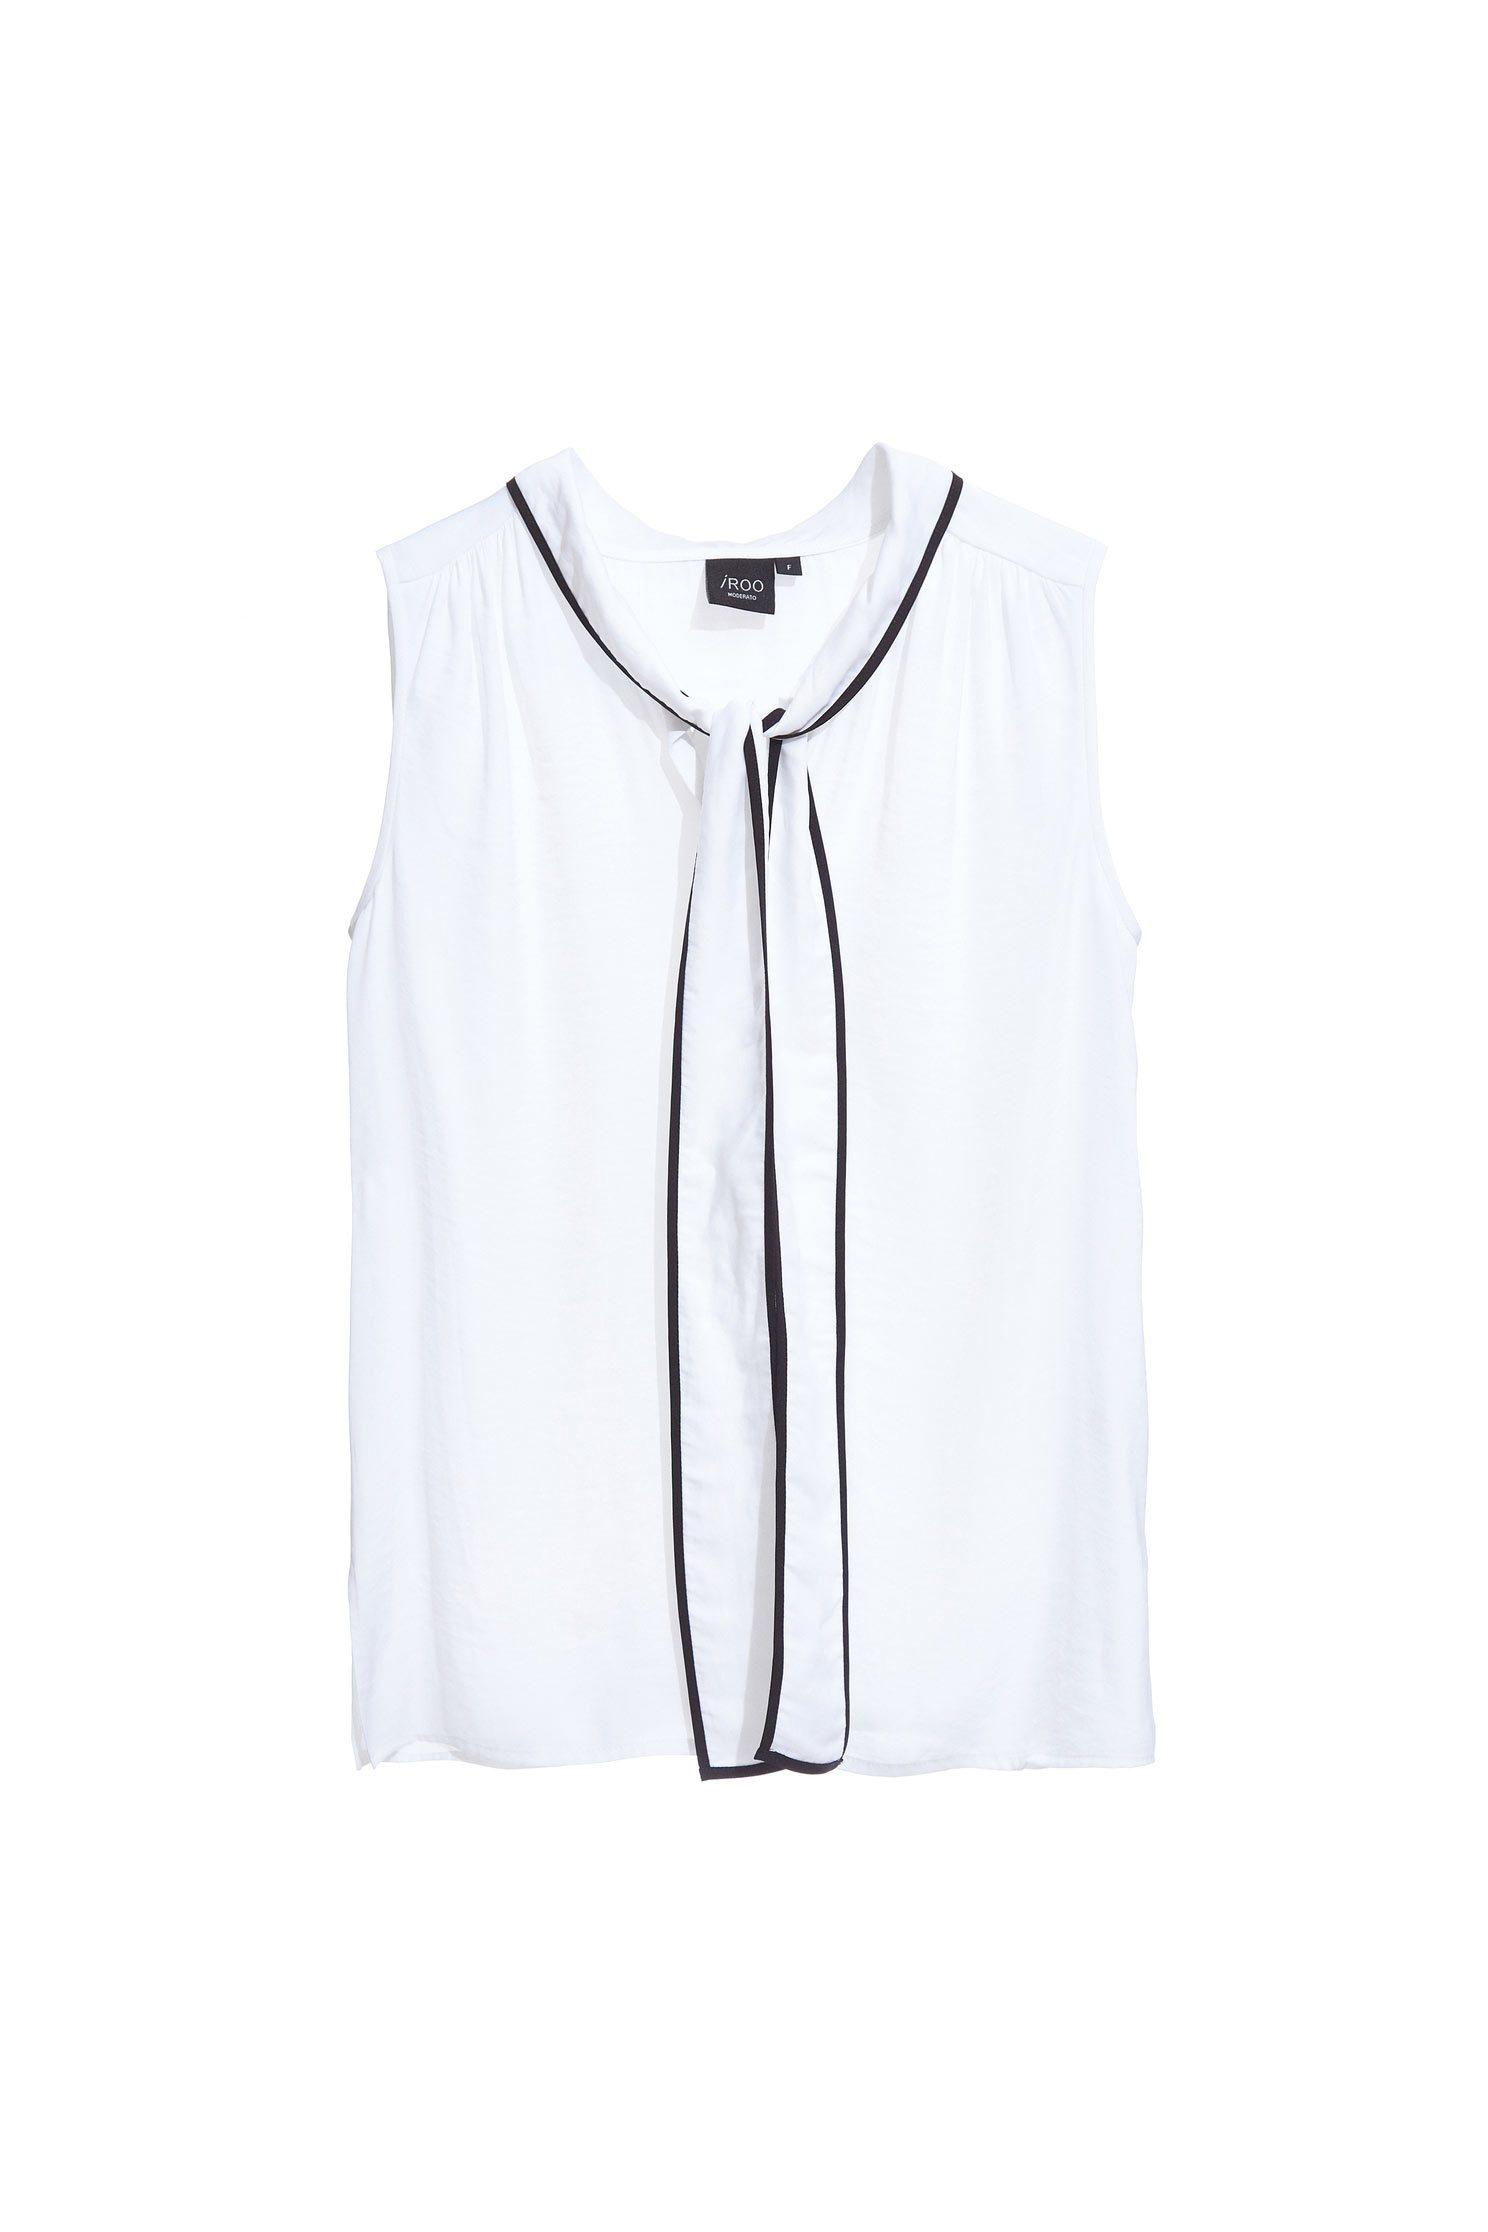 Cozy soft white vest